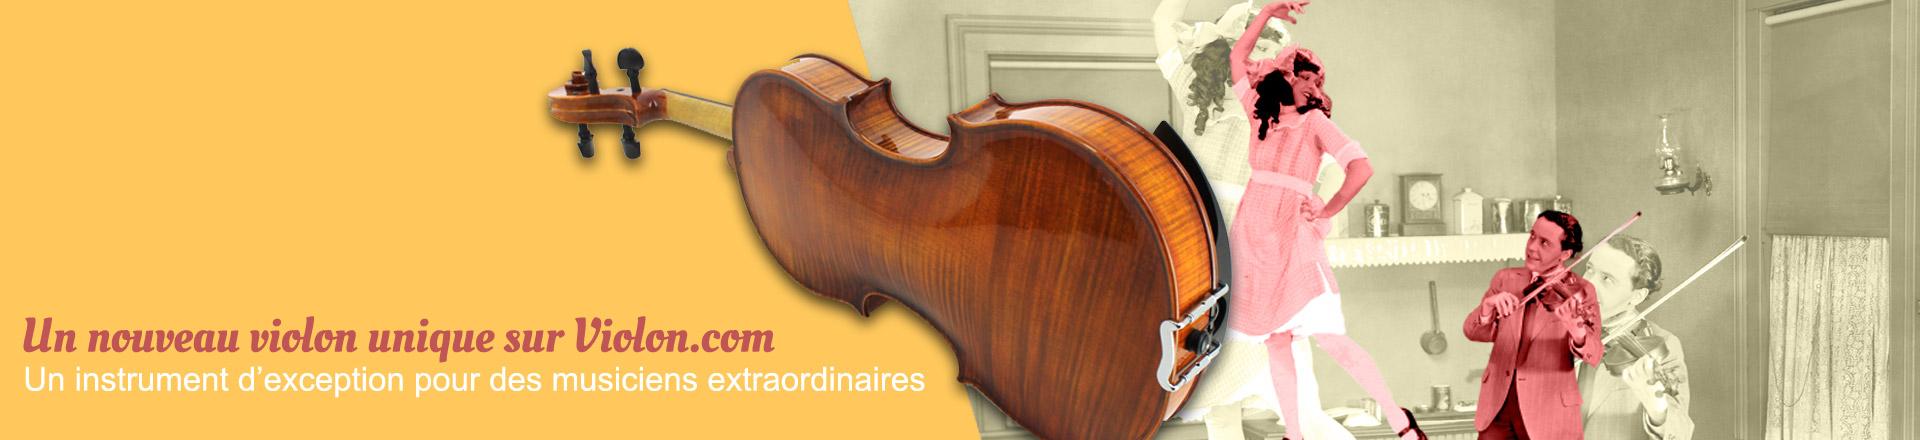 Nouveau violon d'exception sur Violon.com